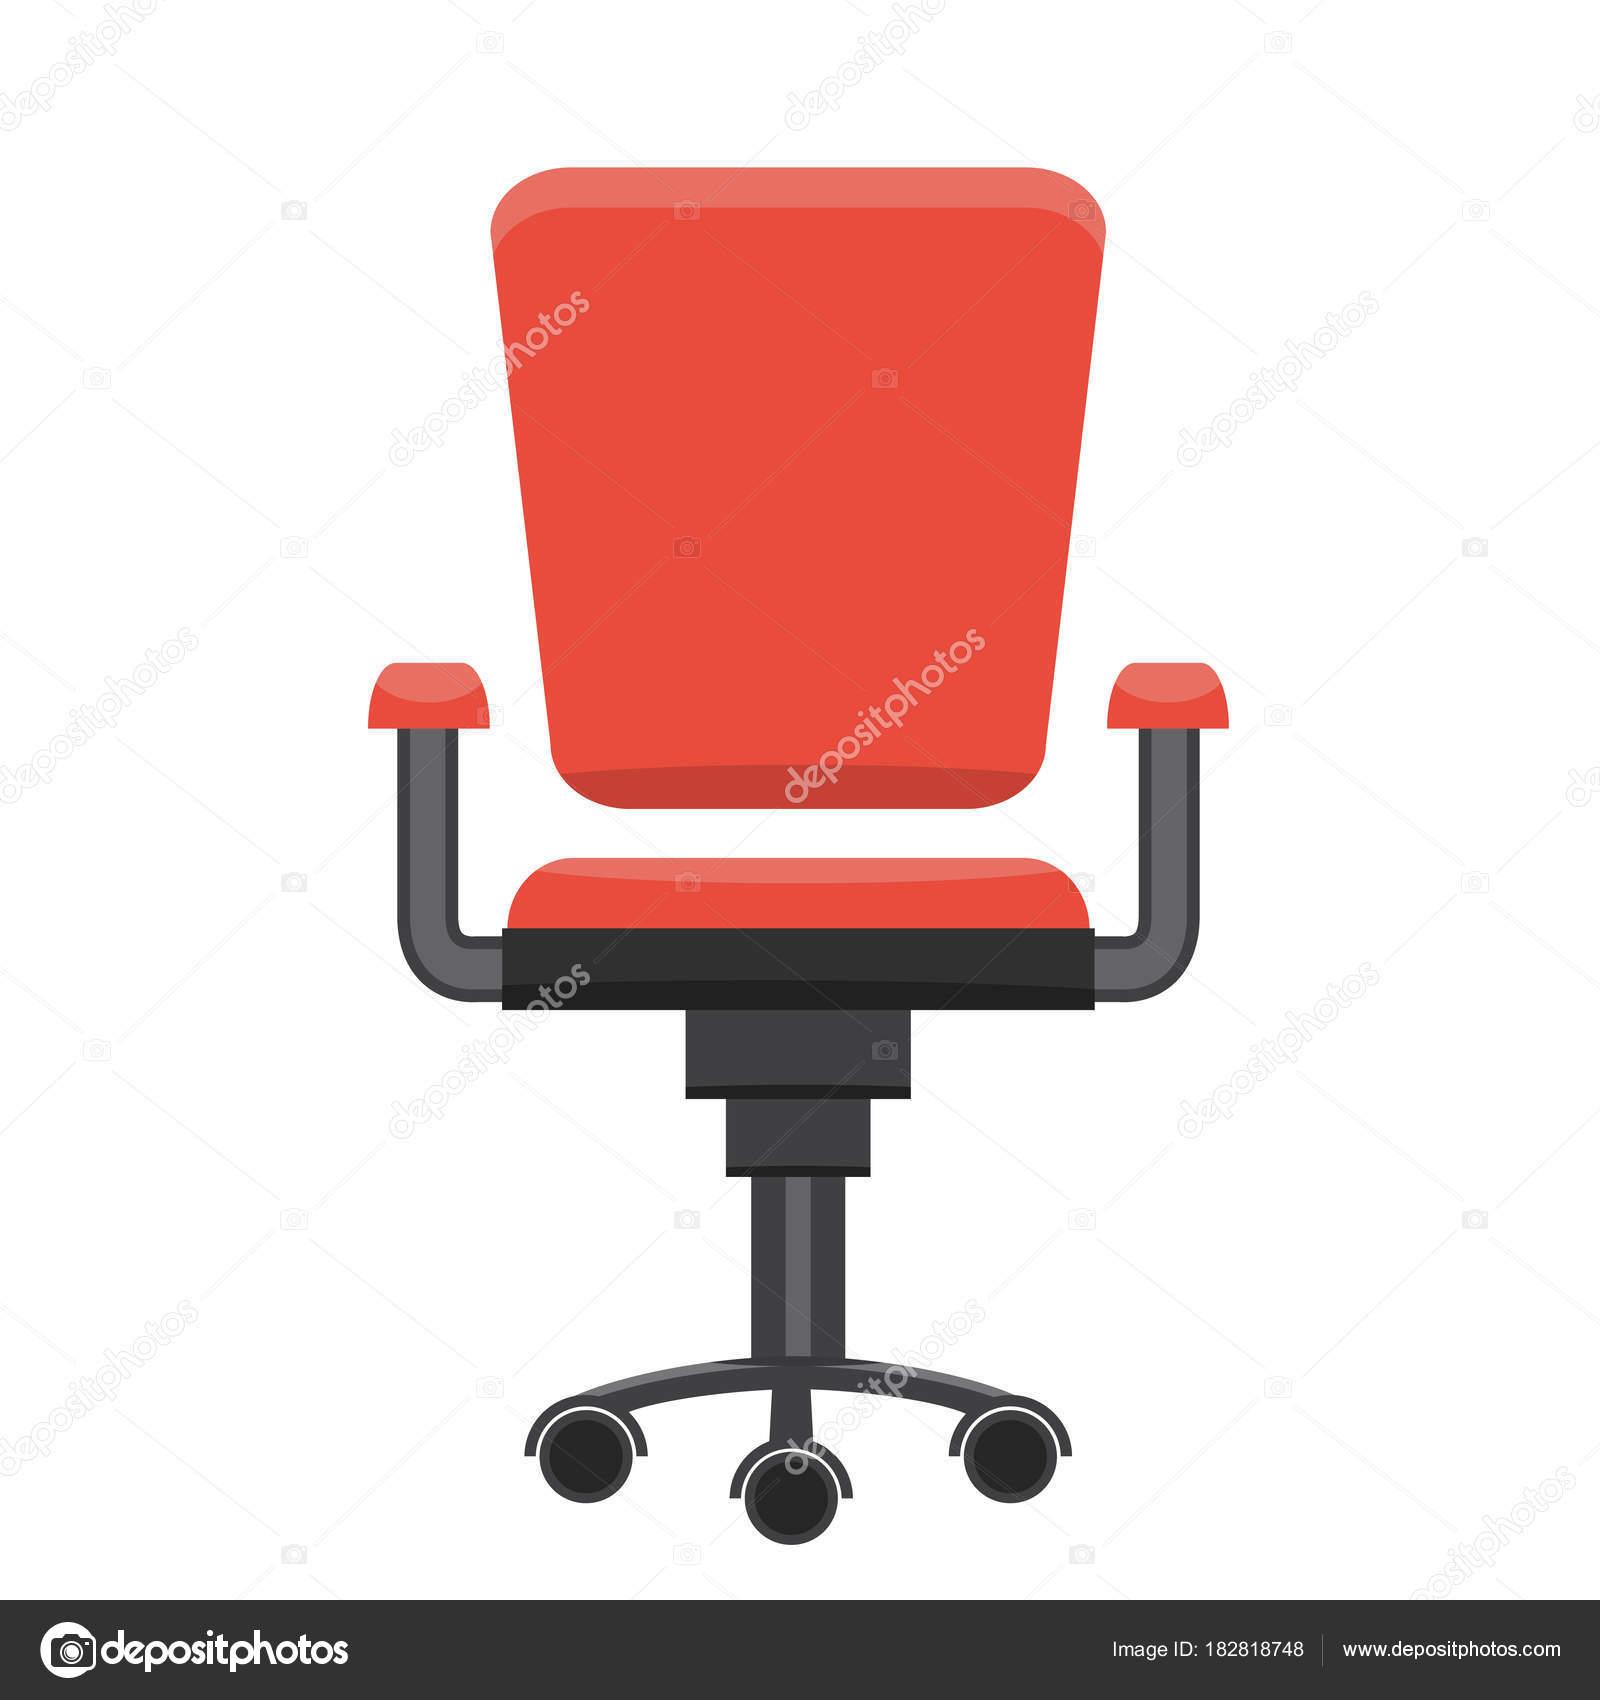 Chaise De Bureau Moderne Design Plat Vecteur Image Vectorielle